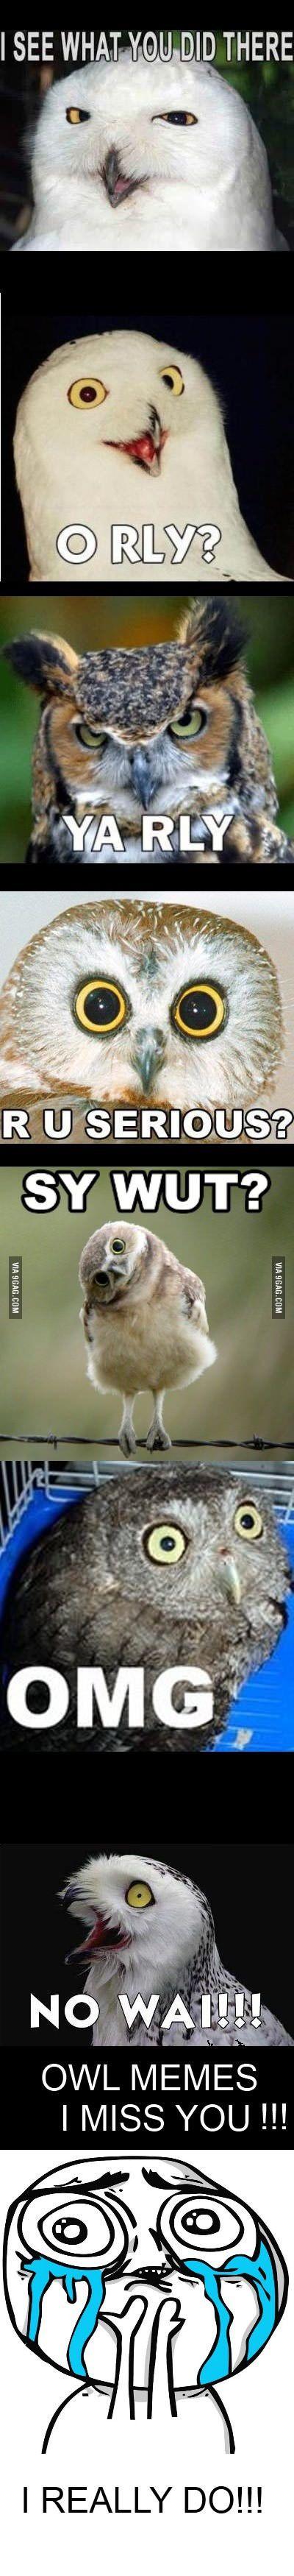 I miss the owl memes... - 9GAG